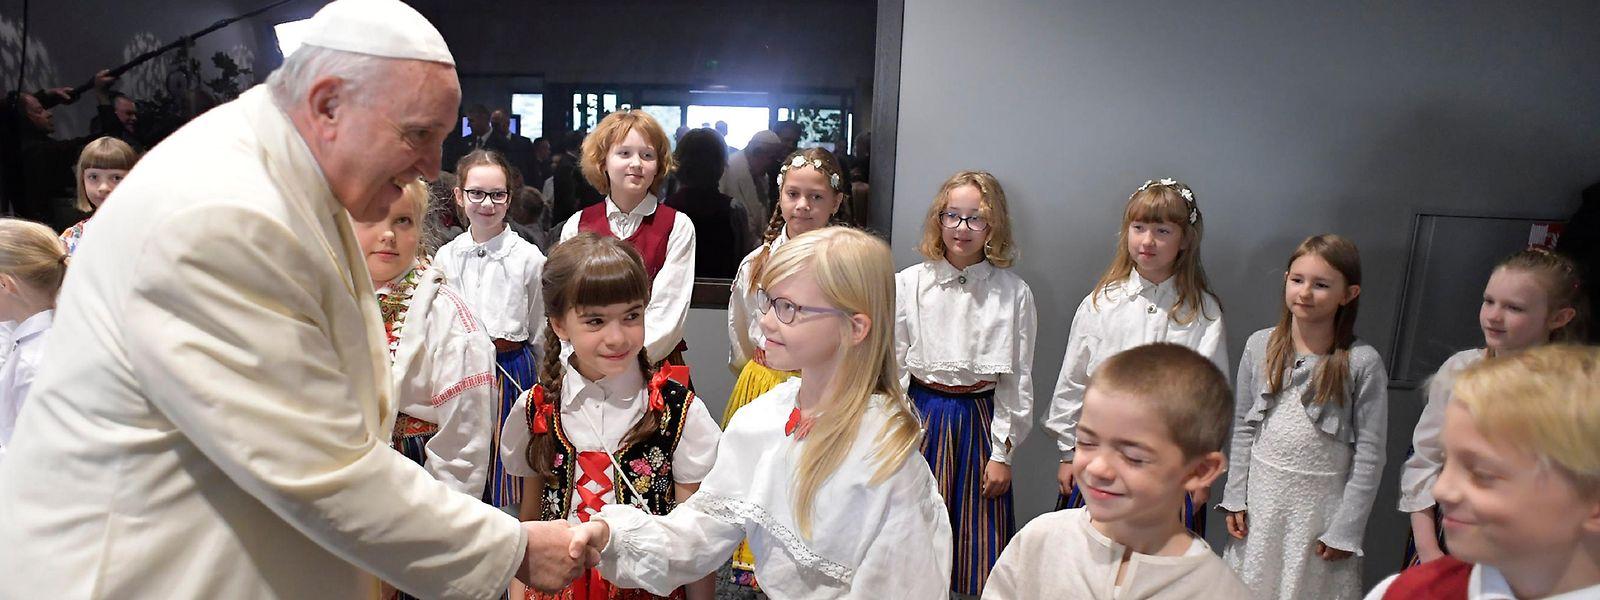 Viele Jugendliche würden die Kirche nicht mehr als einen bedeutsamen Gesprächspartner wahrnehmen, sagte der Pontifex bei seinem Besuch in Estland am Dienstag.